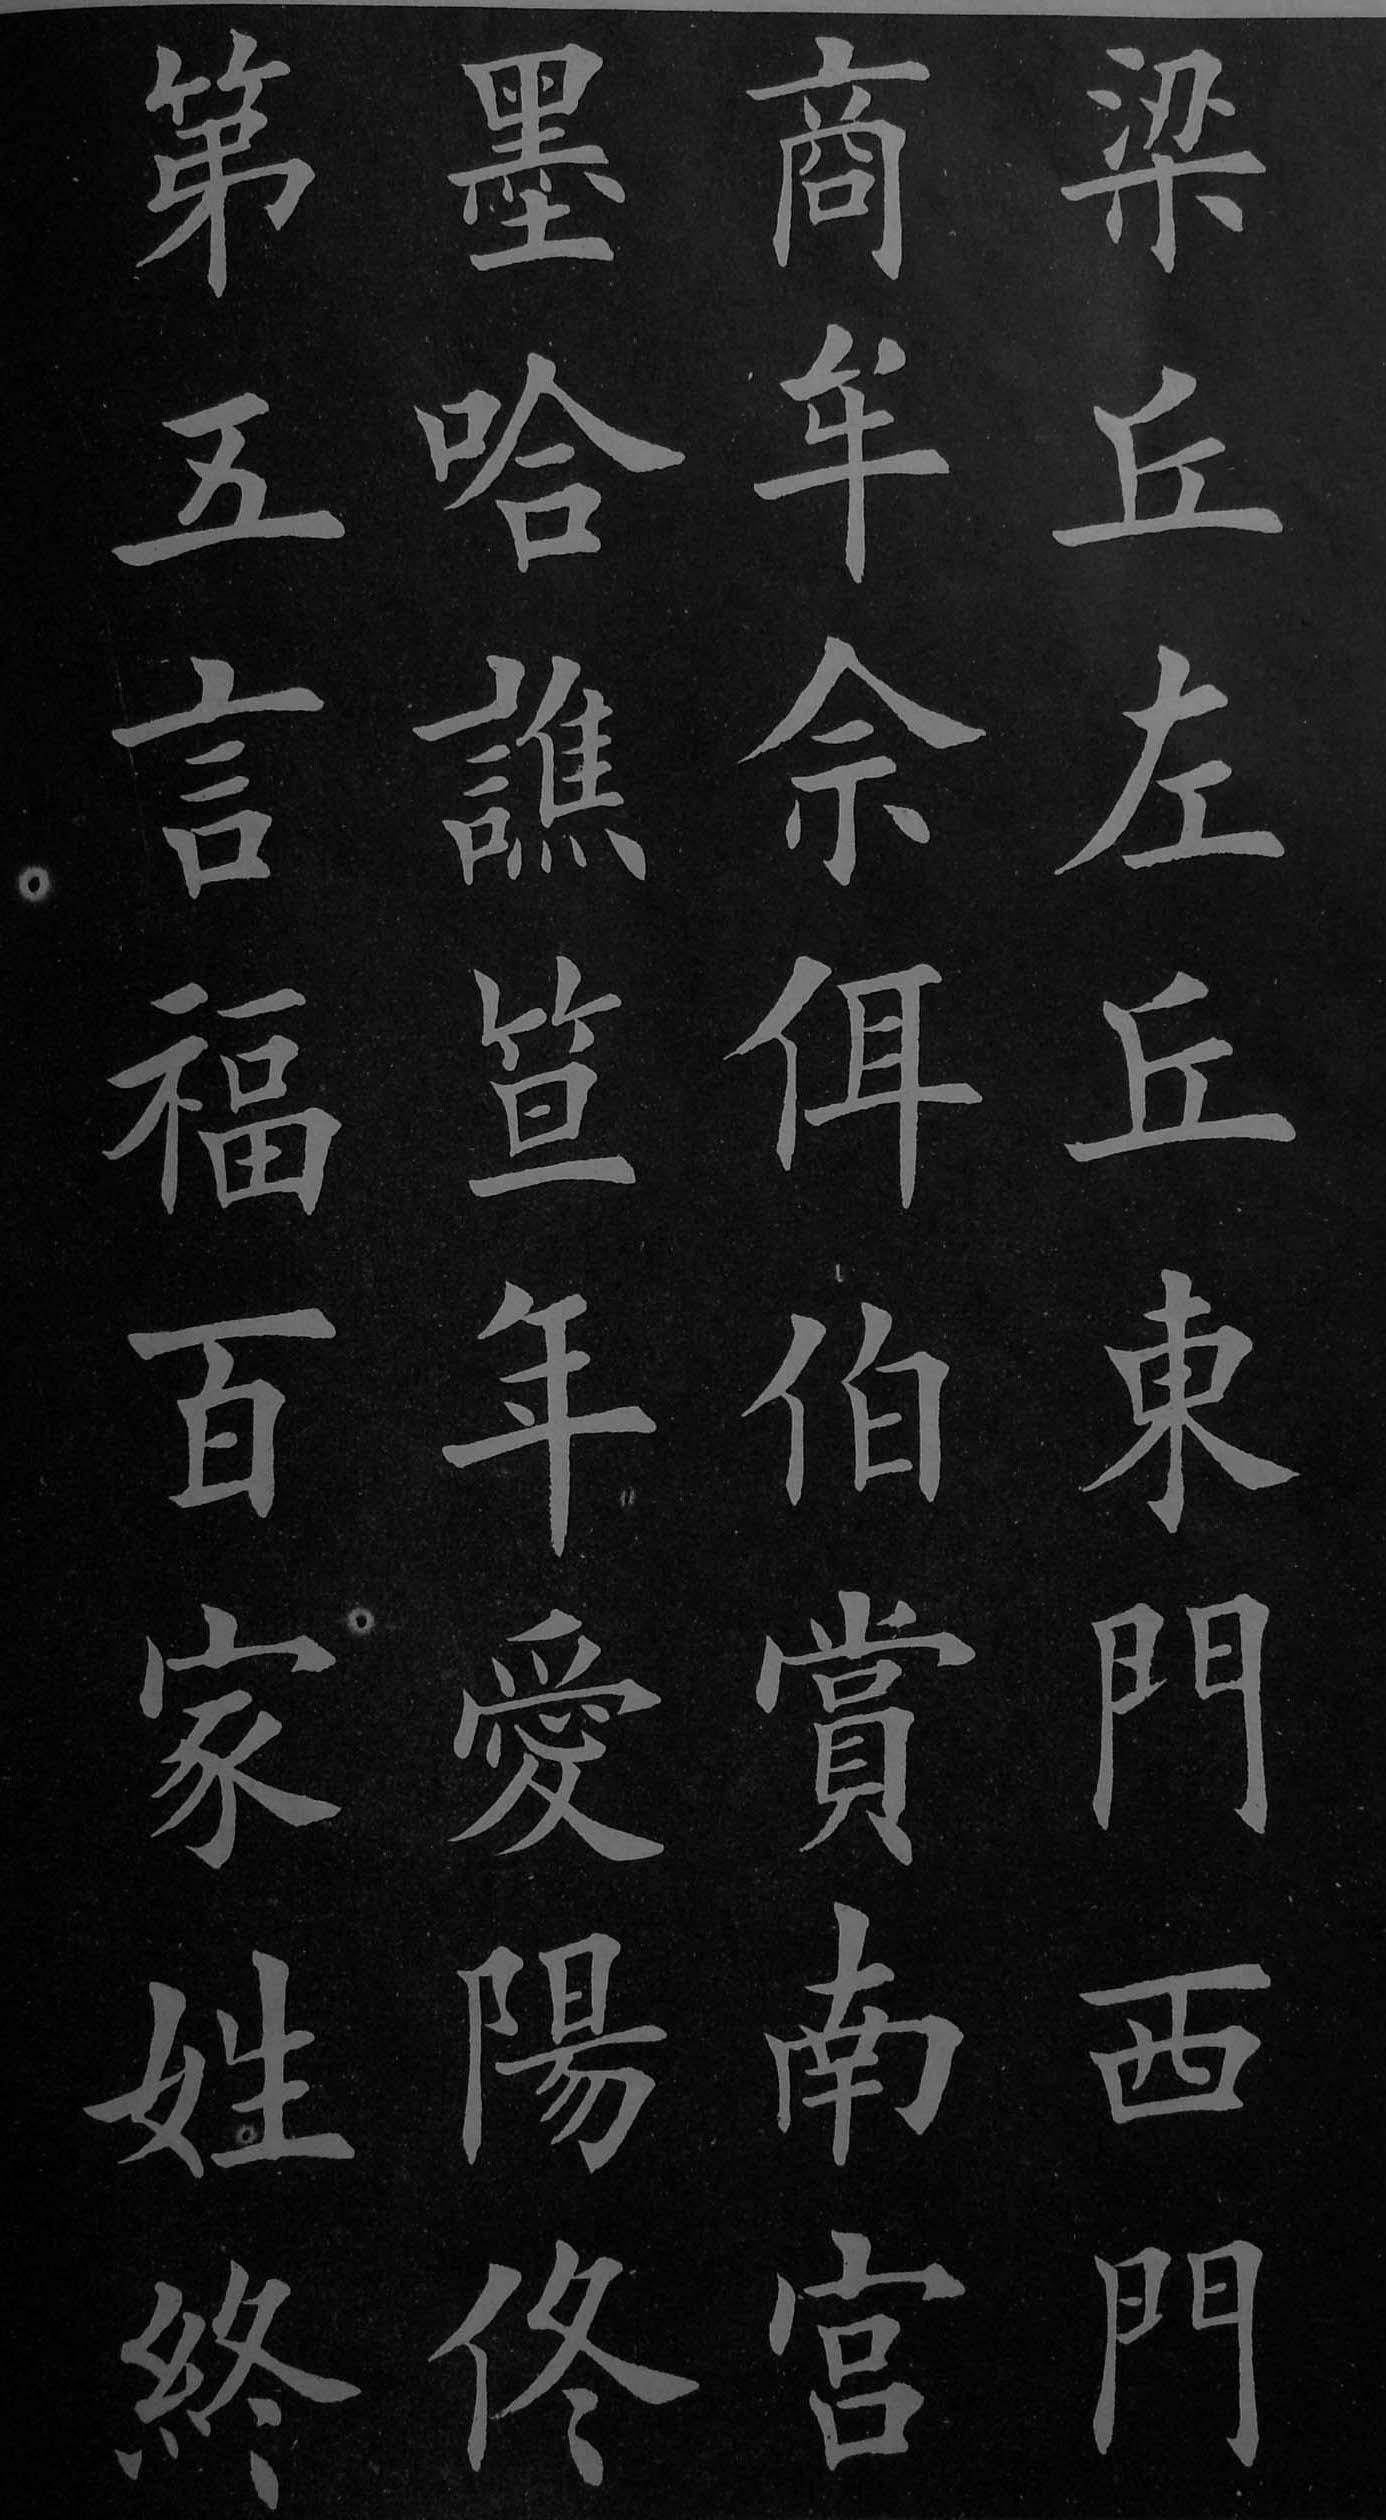 田英章欧体楷书书法作品:百家姓